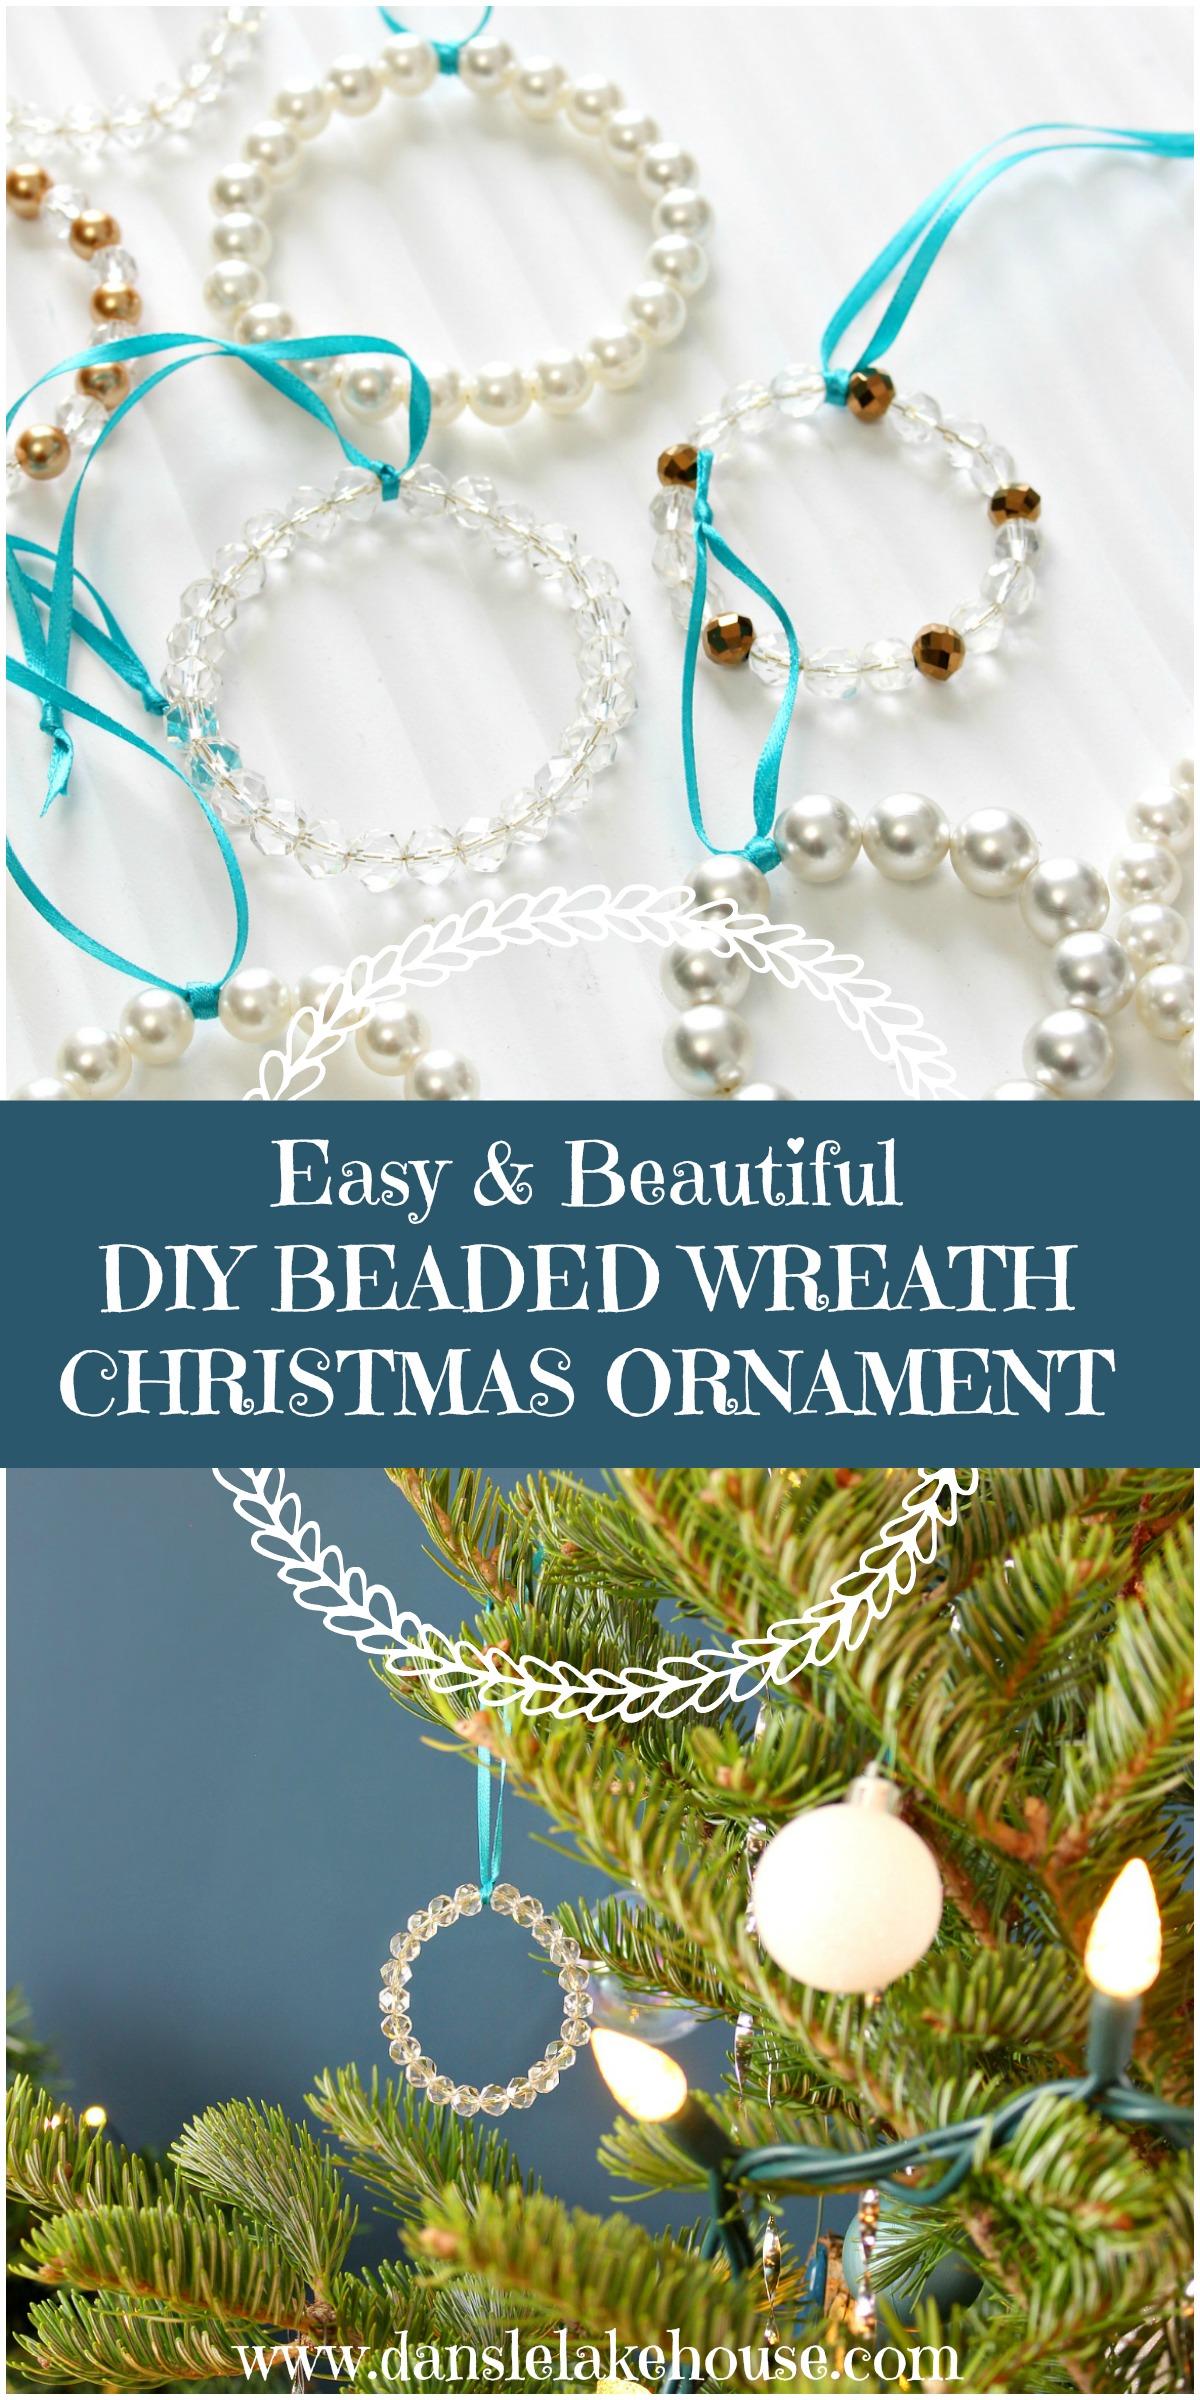 Easy DIY Beaded Wreath Christmas Ornament